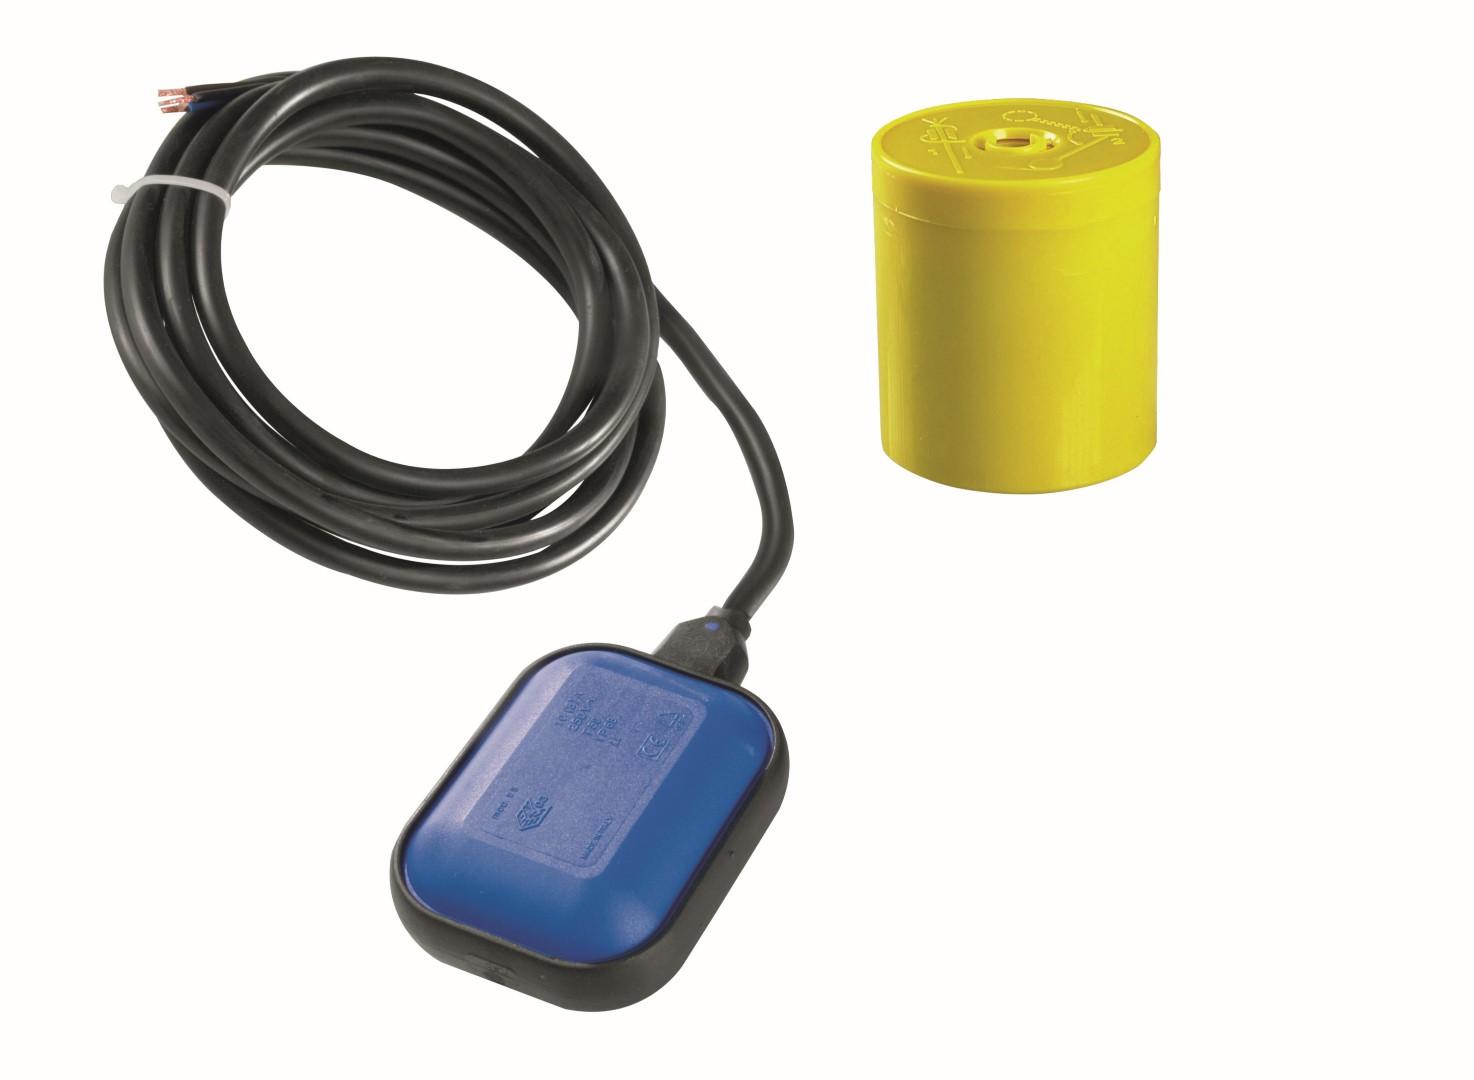 Niveauregelierung - 1CL RLG01/3PVC - PVC-Kabel in unterschiedlicher Länge